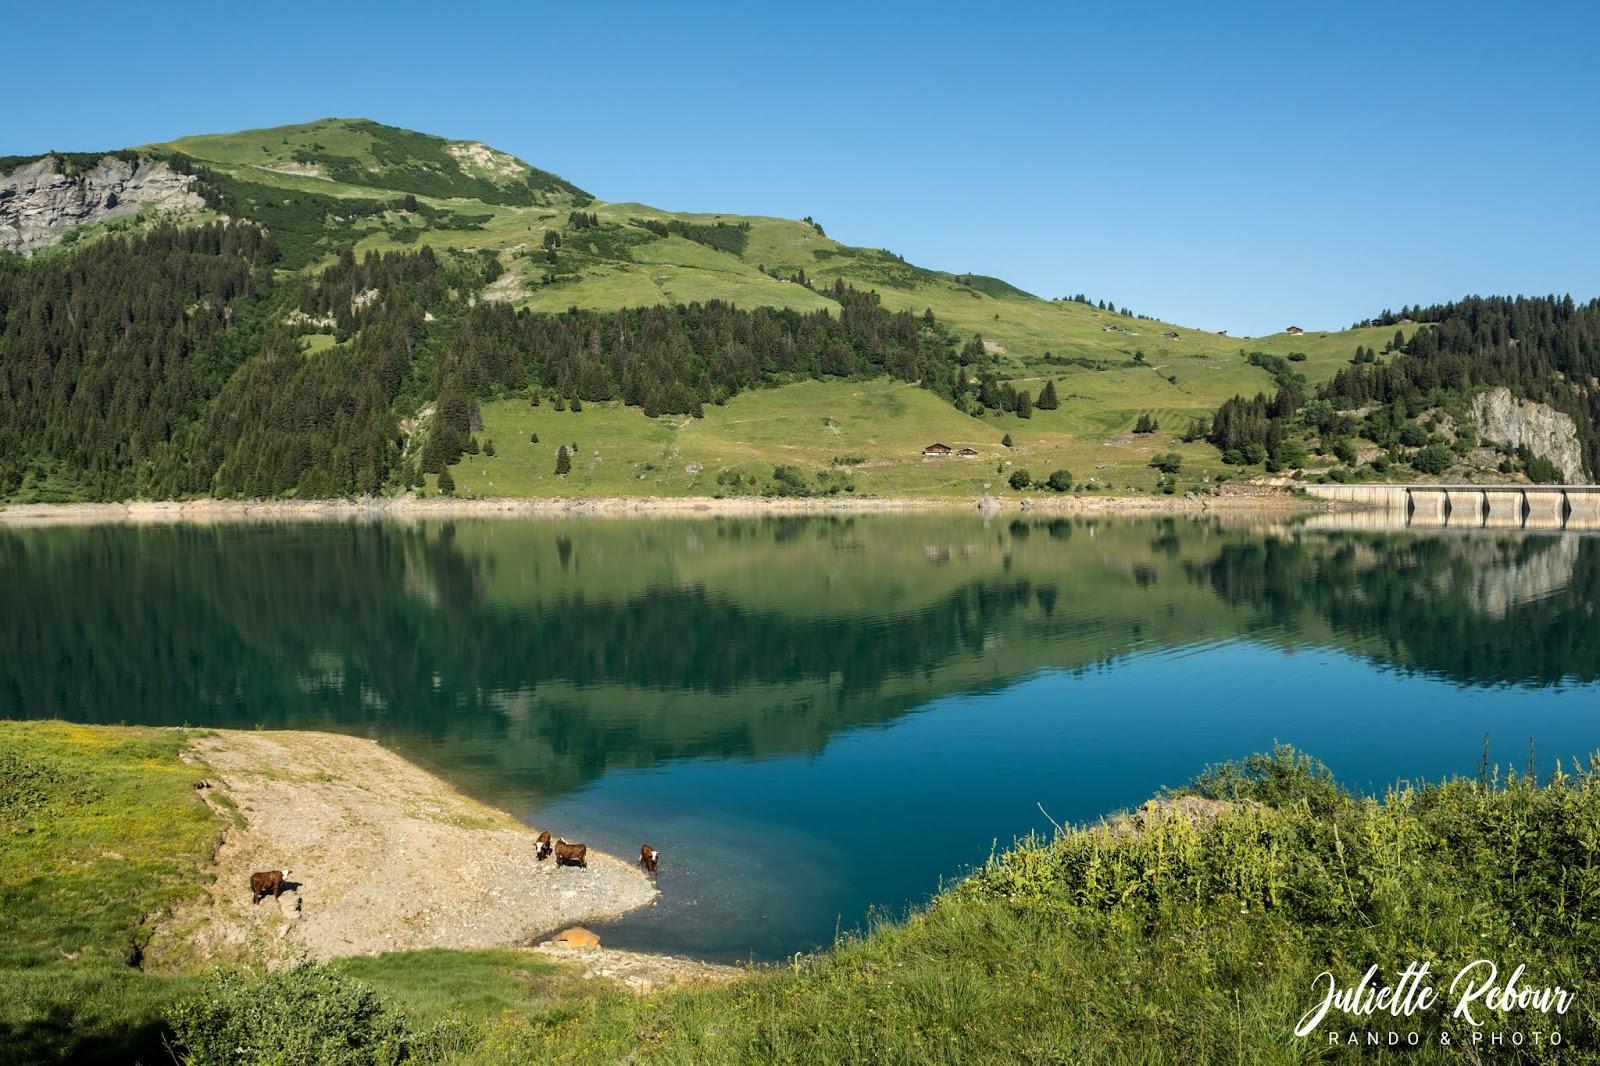 Randonnée autour du lac de Roselend